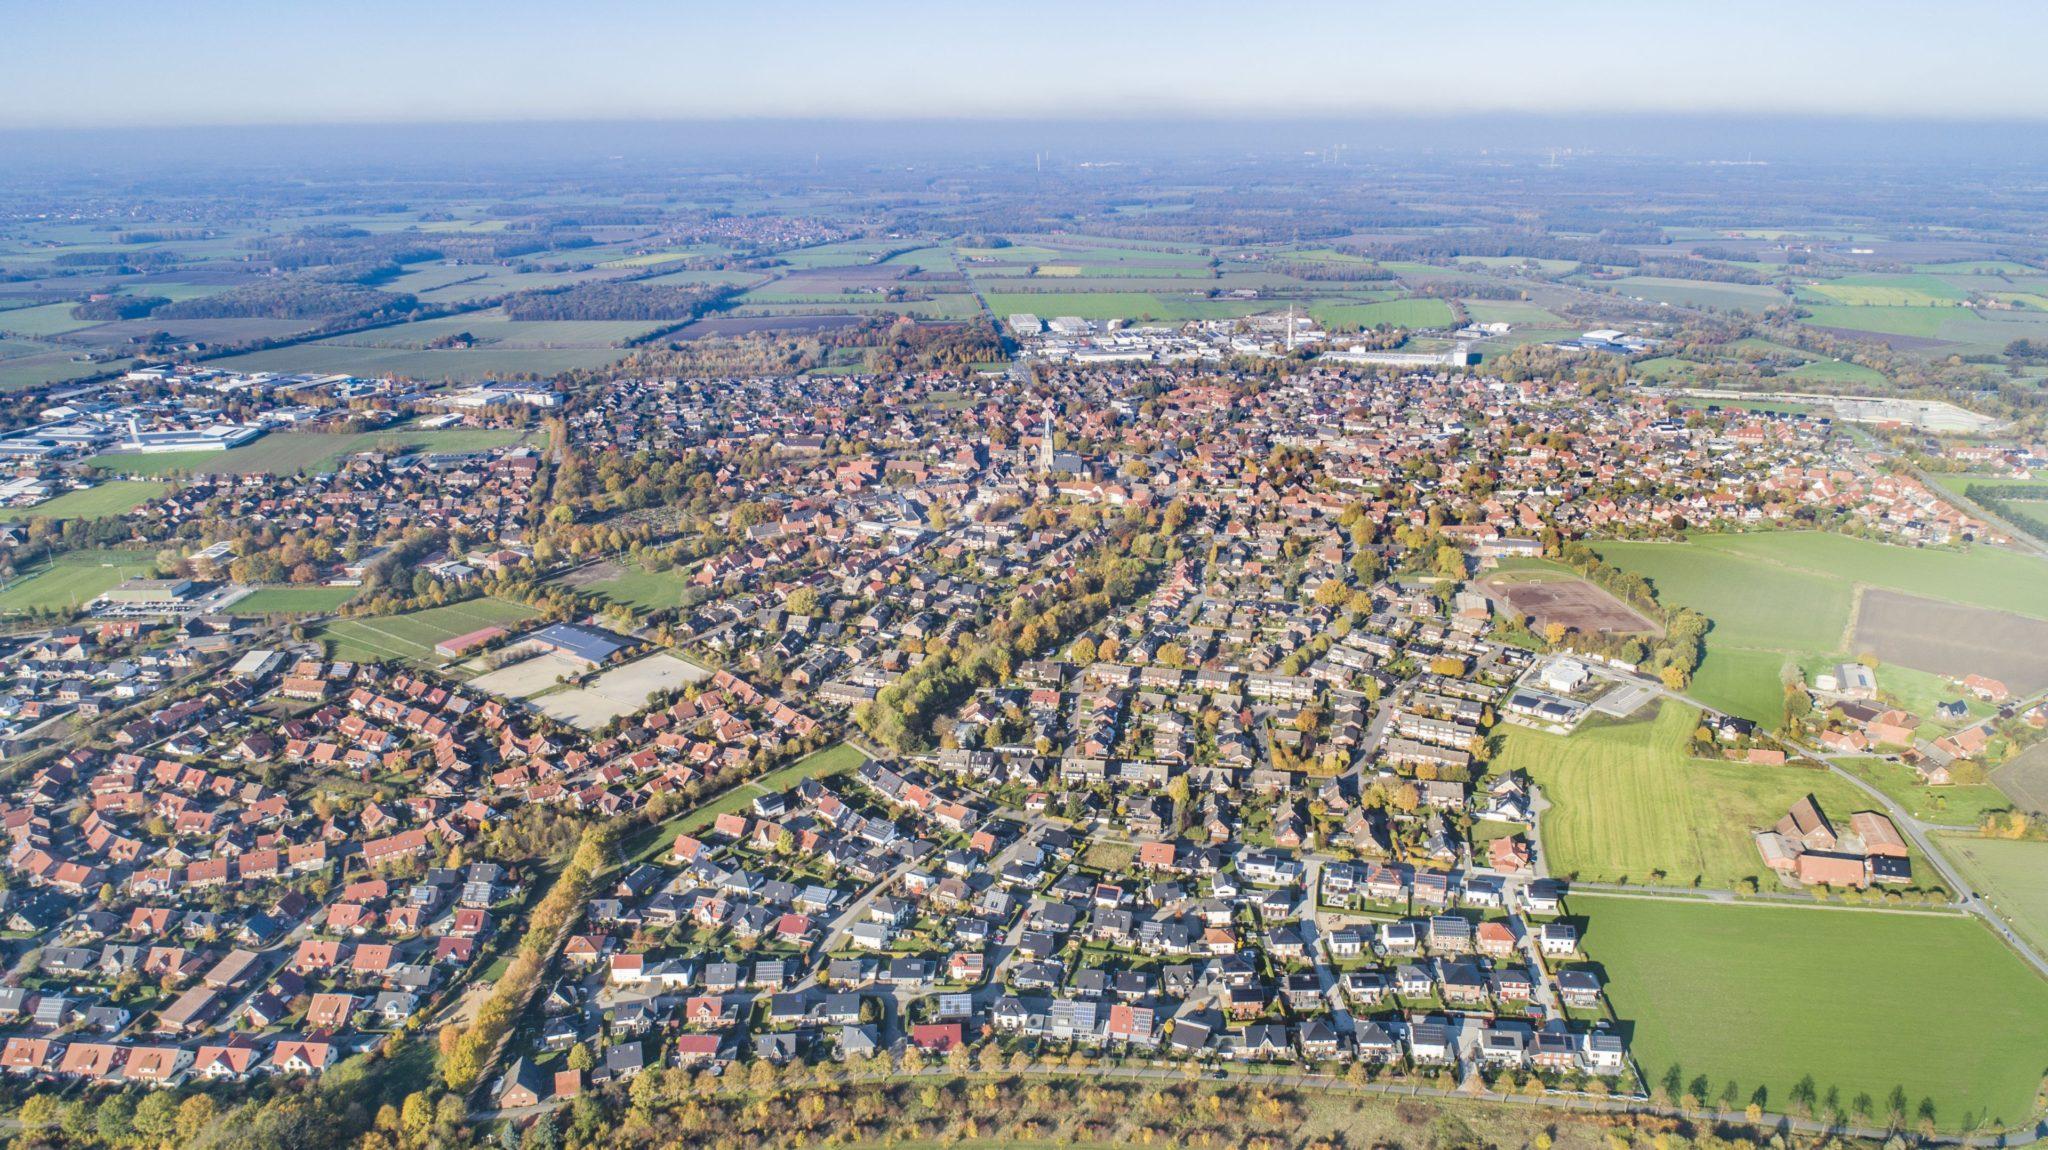 Luftbild Wohngebiet Ascheberg